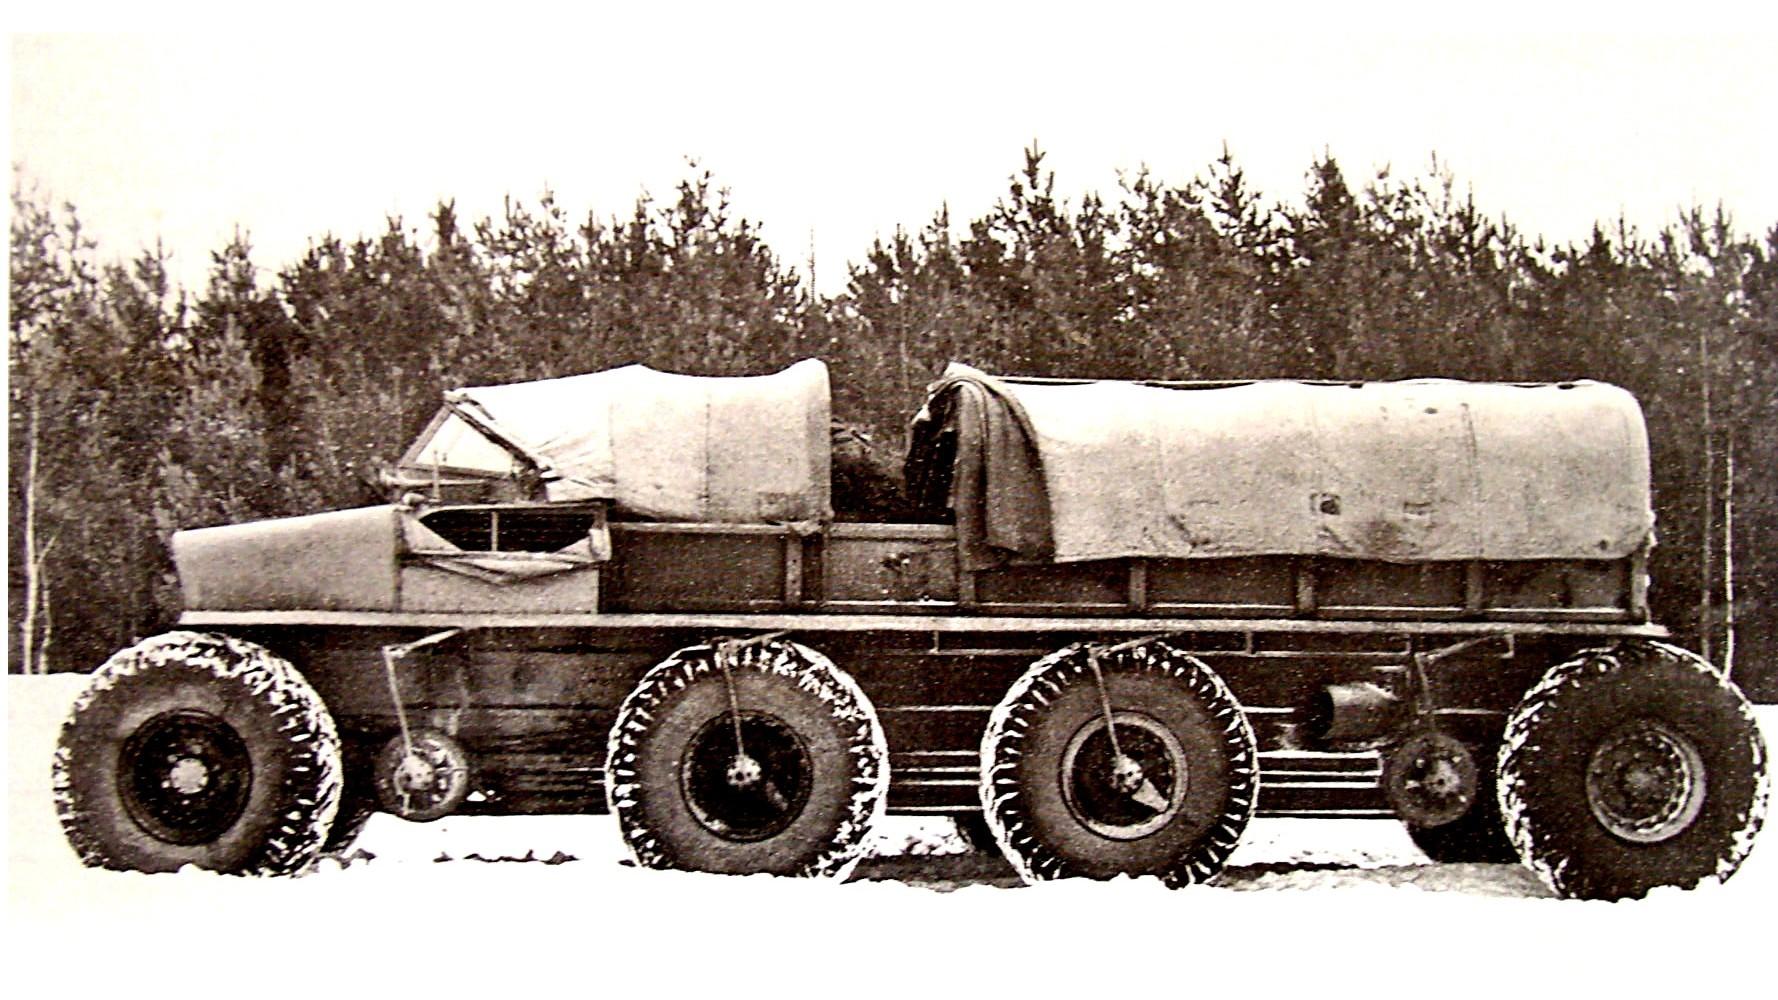 Длиннобазный макетный образец Э134 с разнесенными крайними колесами